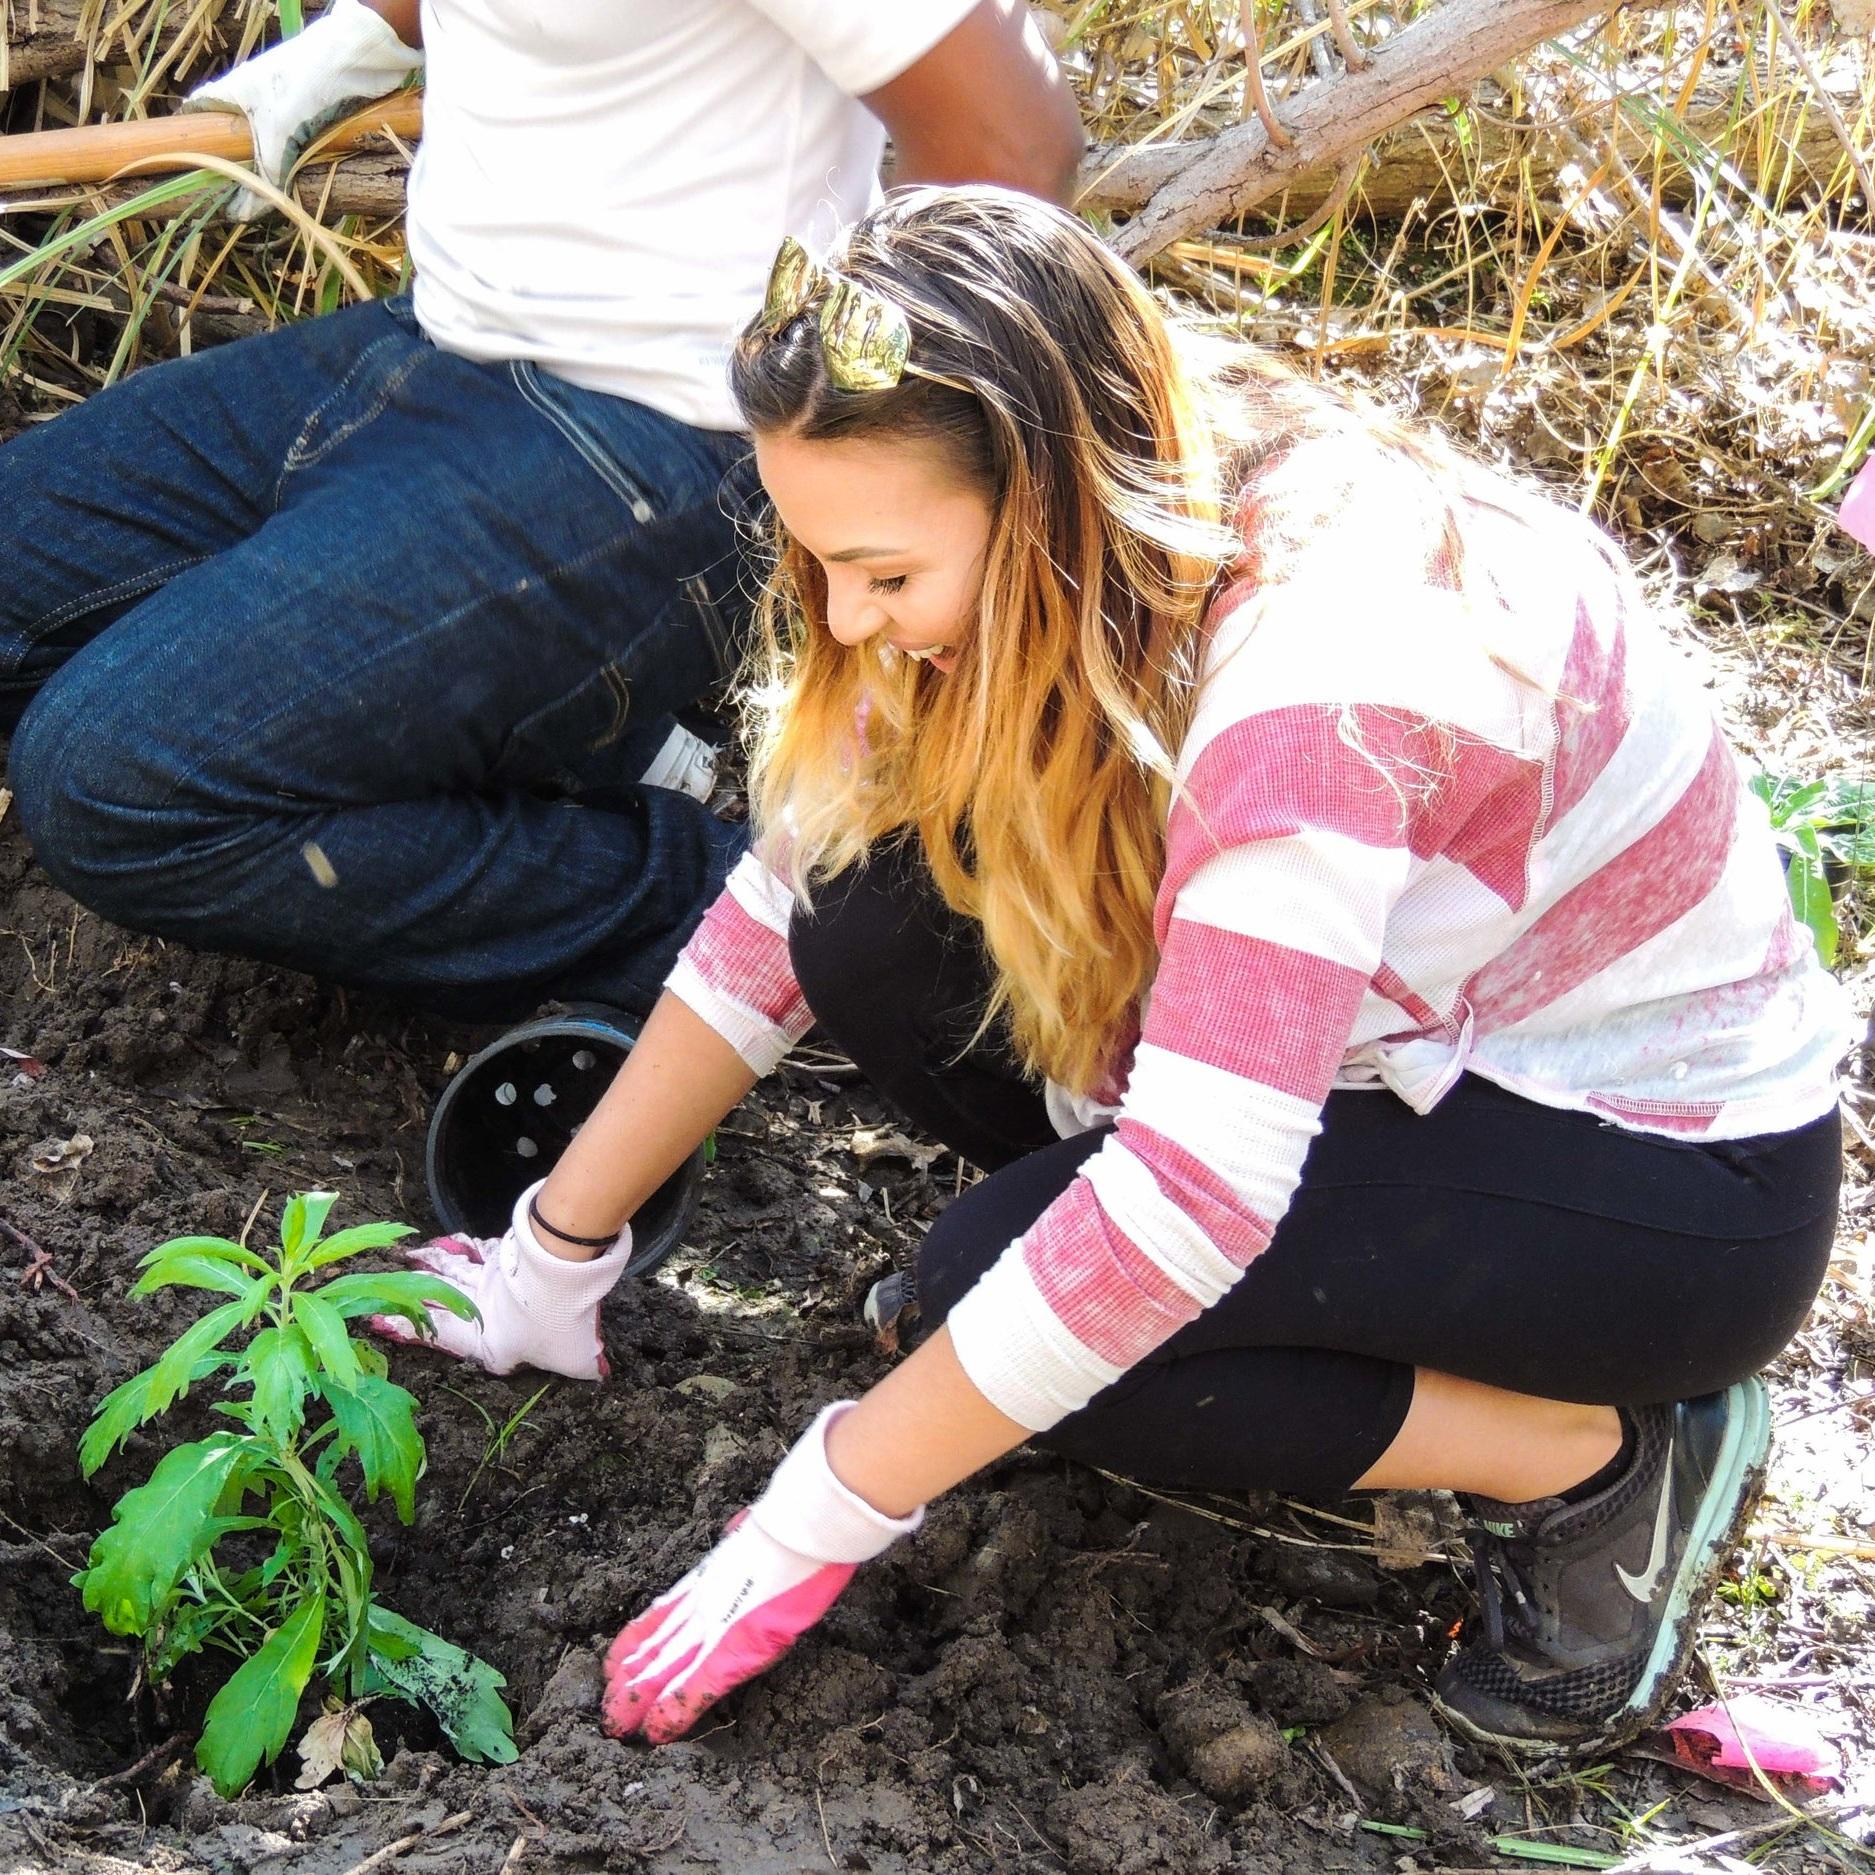 Volunteer-+Shepherd+Planting+w+Helix.jpg